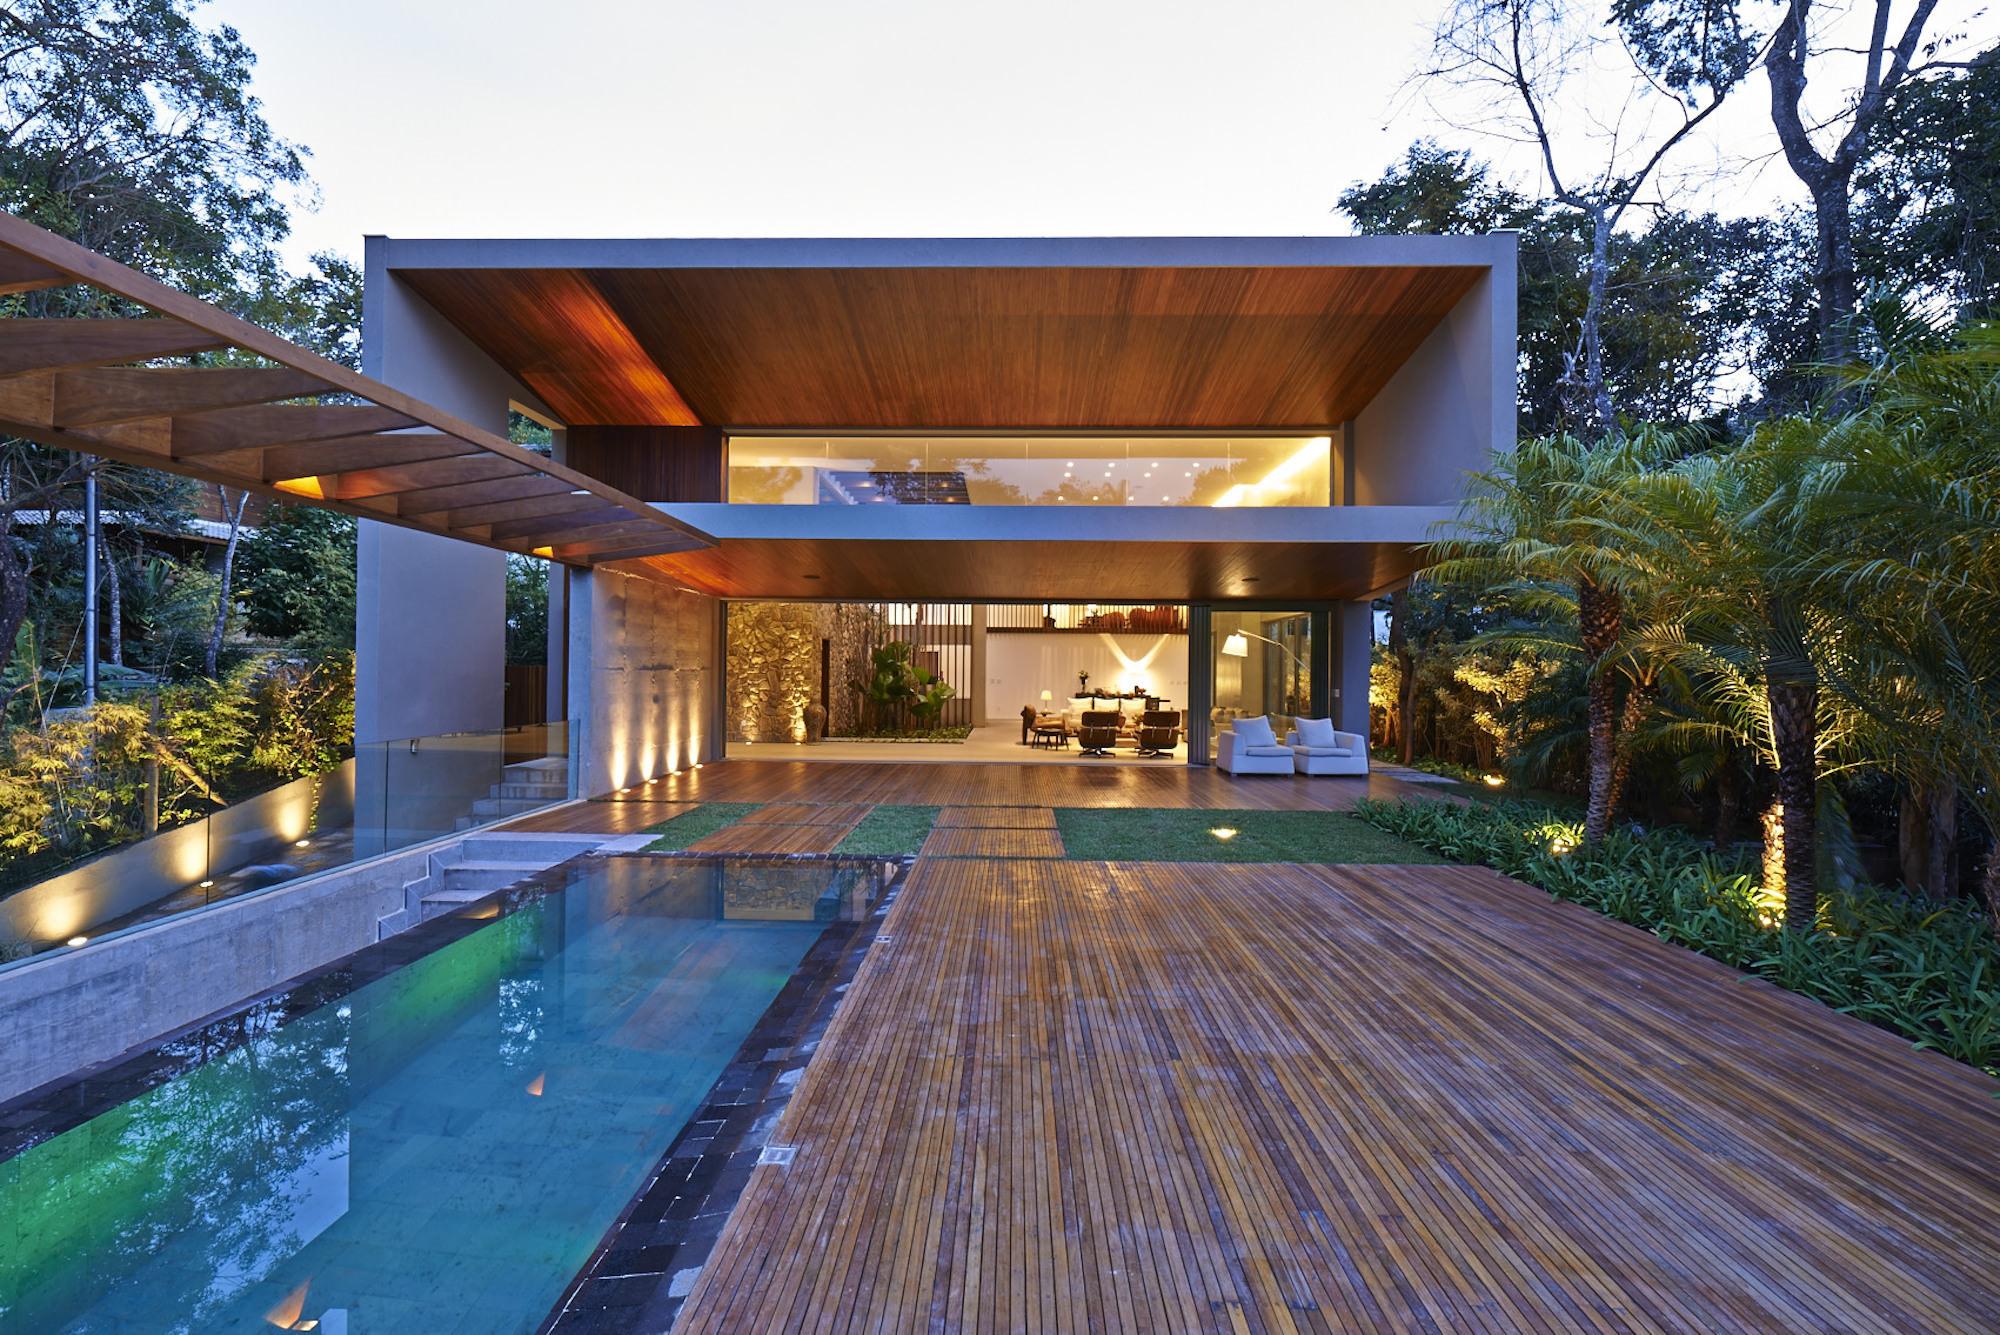 52a3e044e8e44e90be00011d_bosque-da-ribeira-anastasia-arquitetos_portada